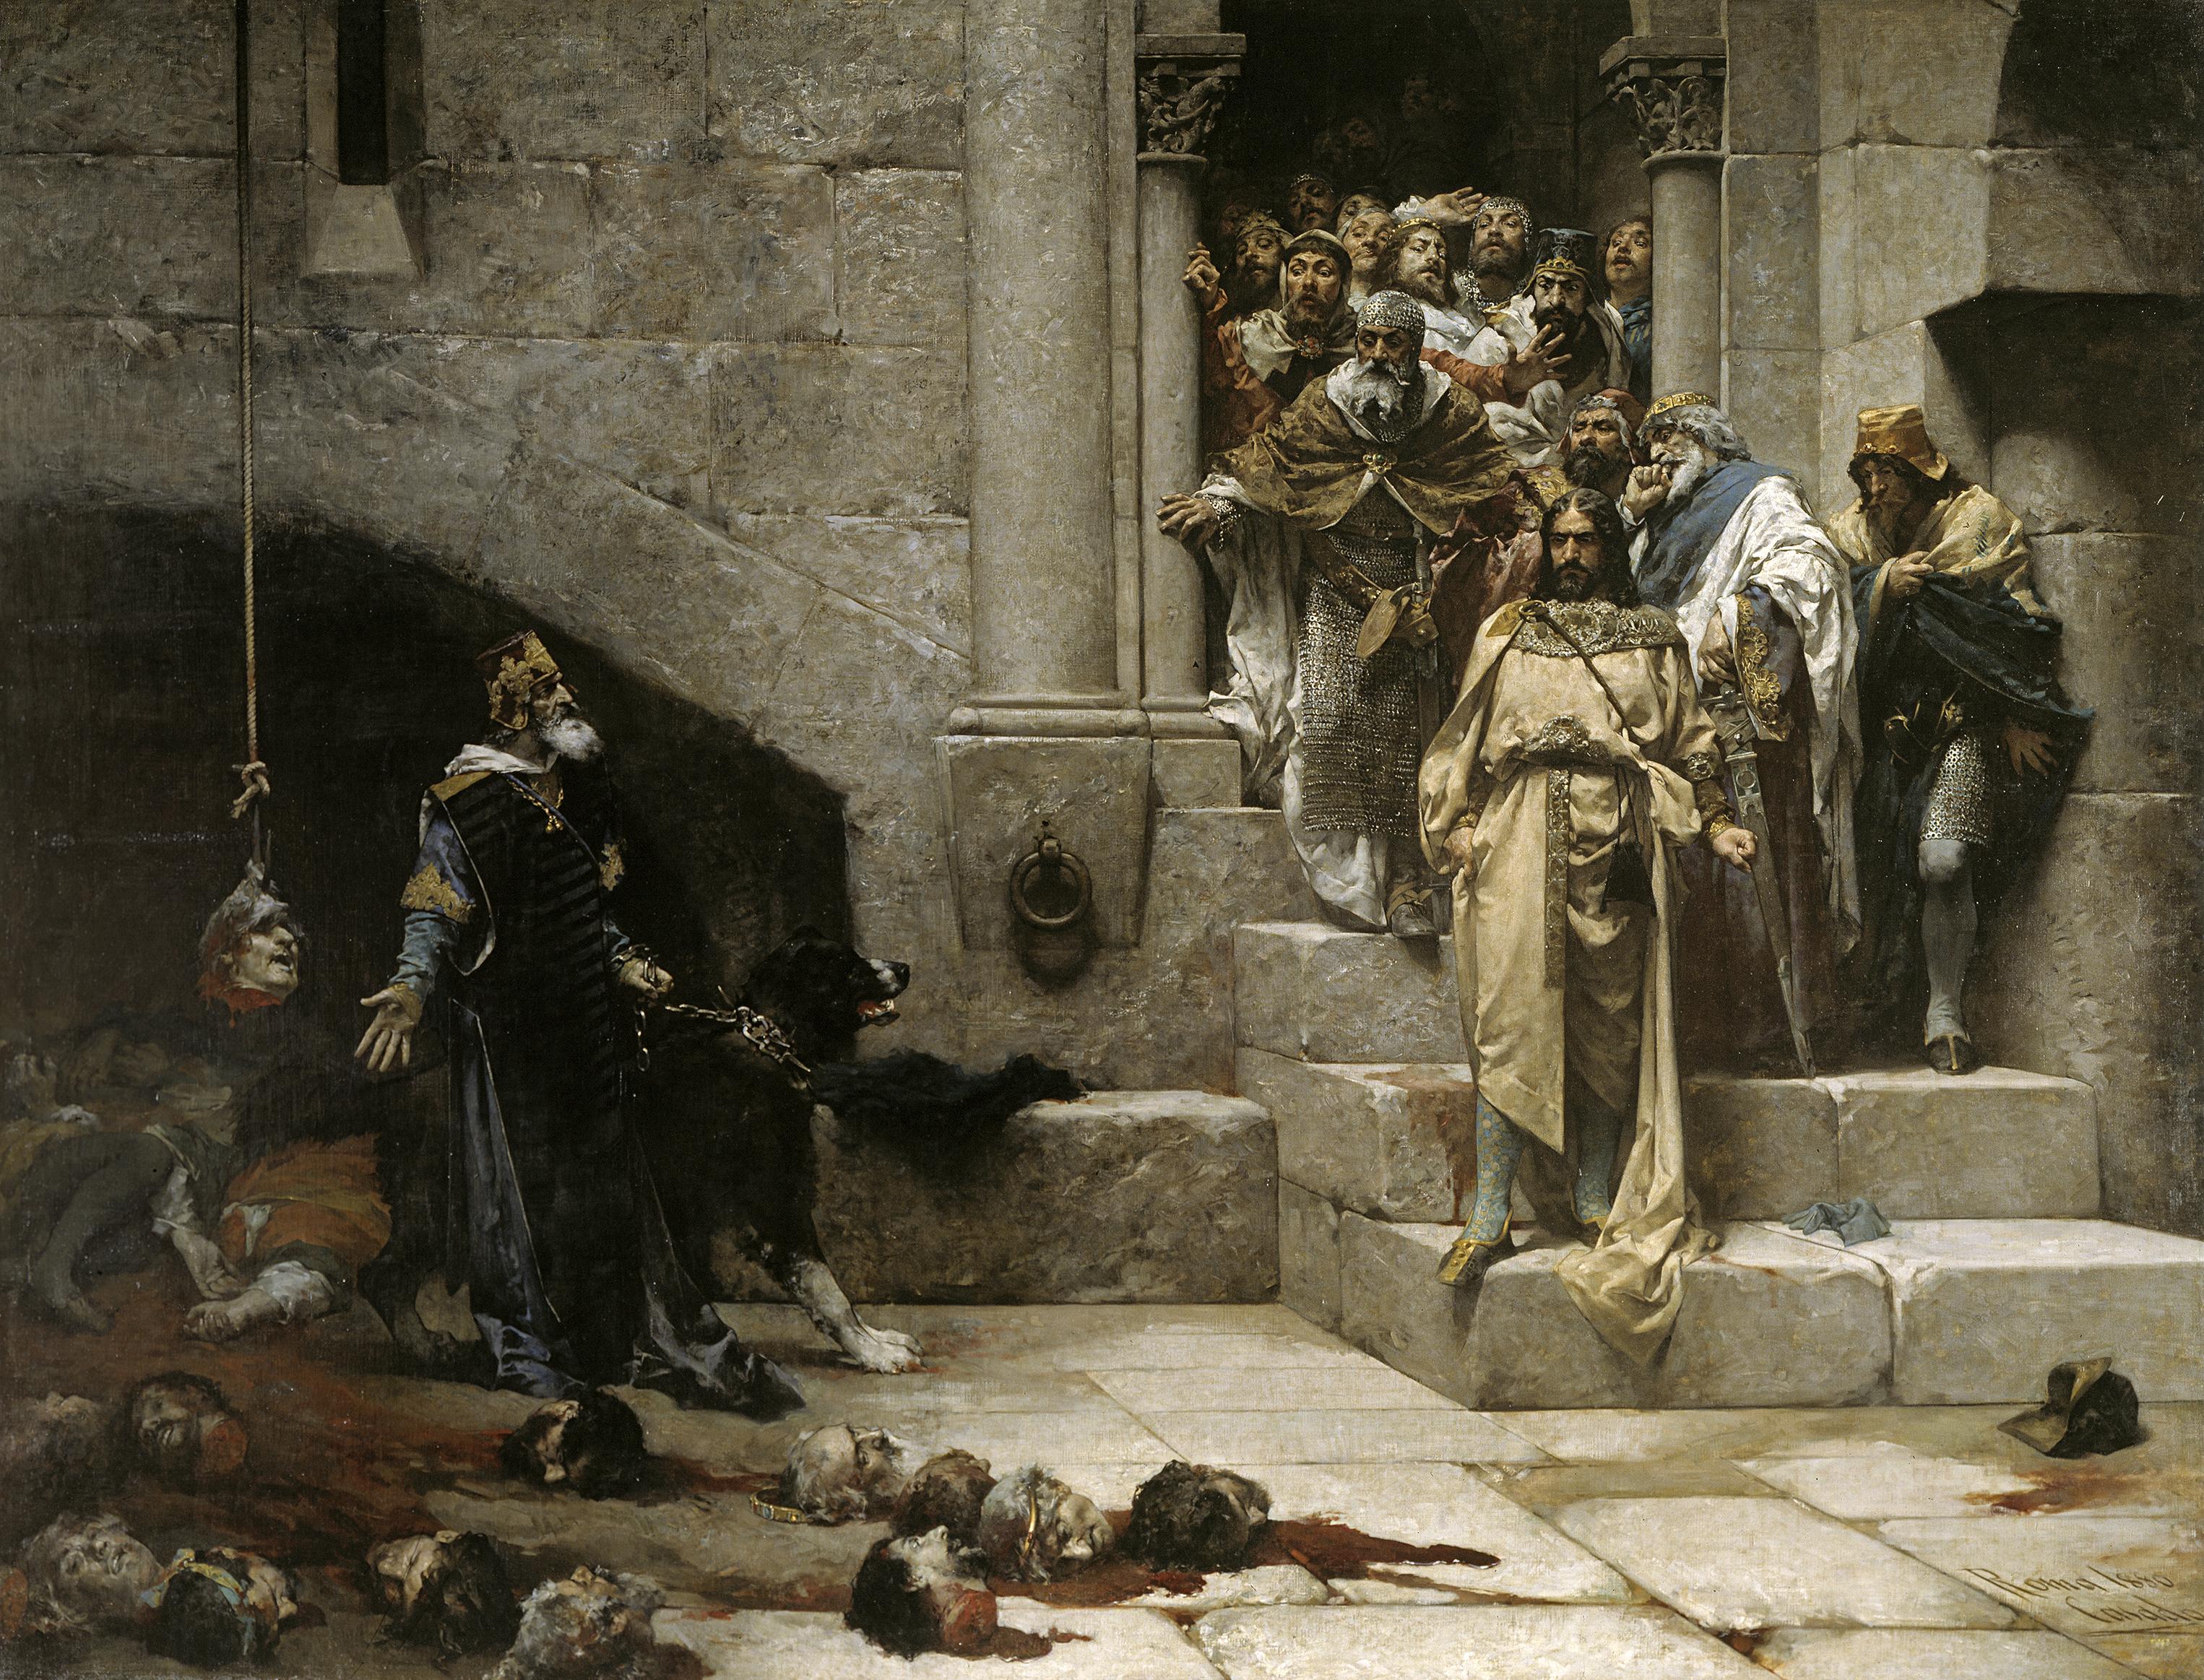 La campana de Huesca por Casado del Alisal